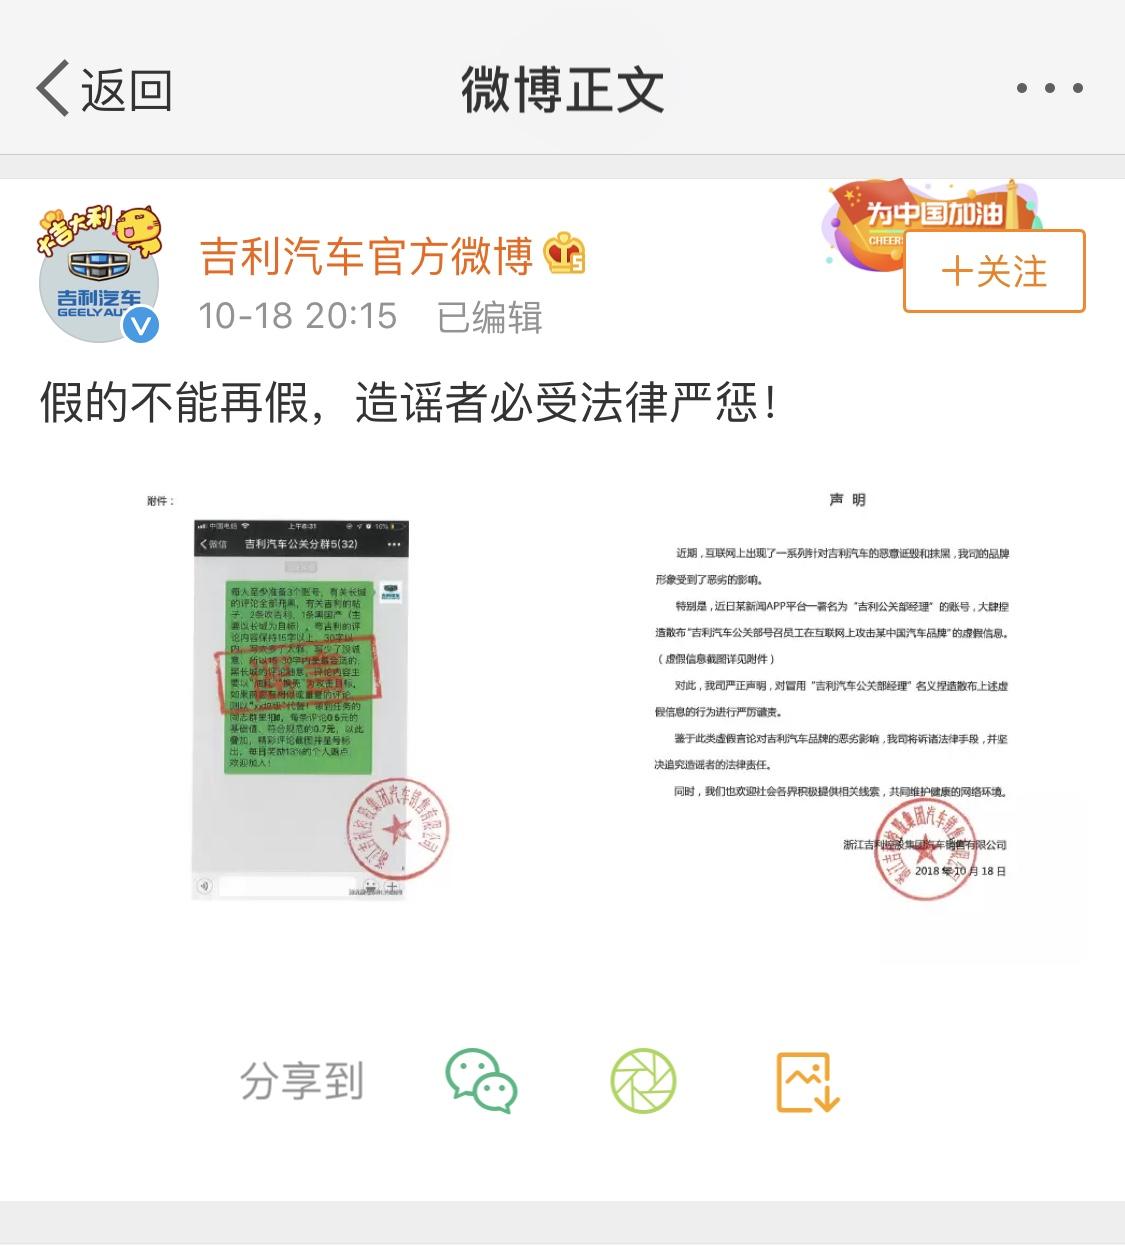 """自主汽车品牌遭""""黑公关""""疑云:吉利廓清 长城谴责"""